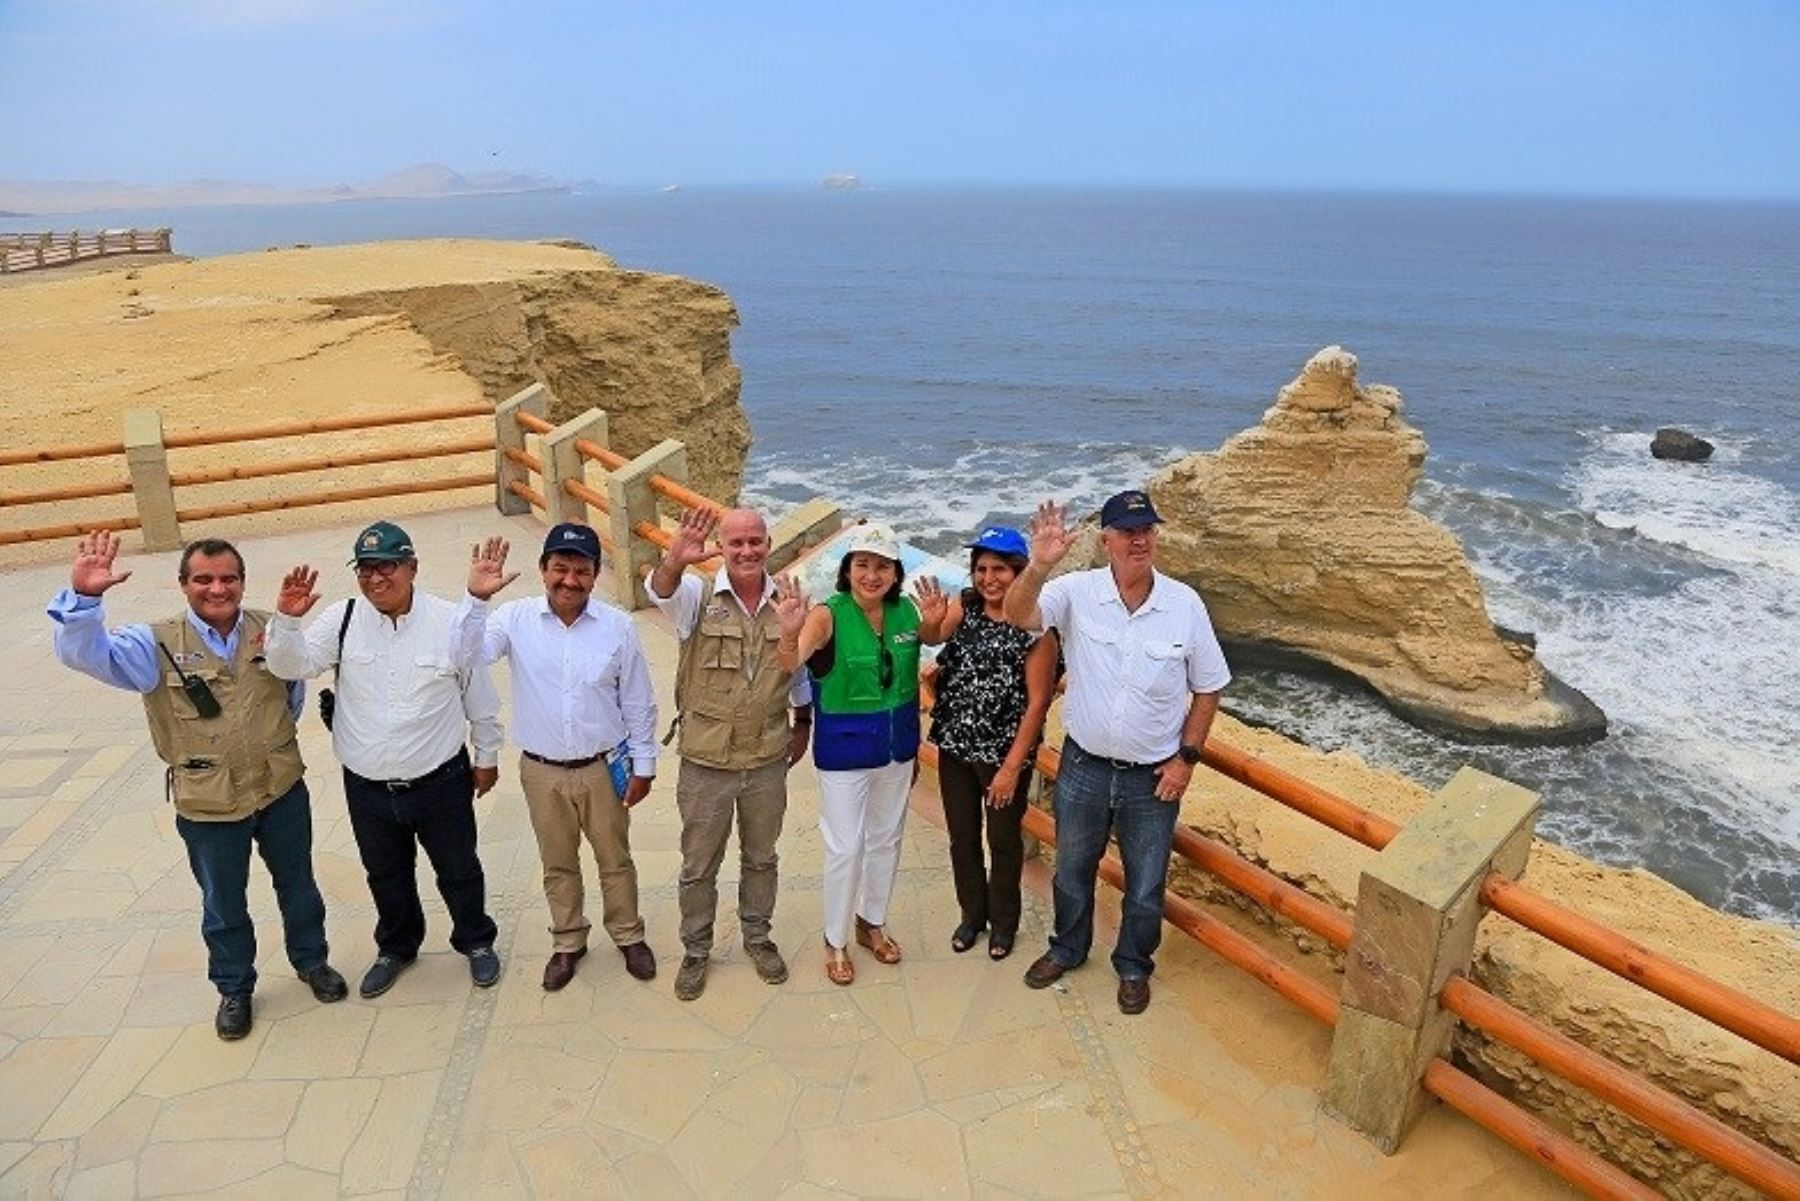 Ministros de Comercio Exterior y Turismo, Eduardo Ferreyros; y del Ambiente, Elsa Galarza; así como autoridades regionales y locales de Ica participan en la inauguración del nuevo circuito norte de la Reserva Nacional de Paracas.